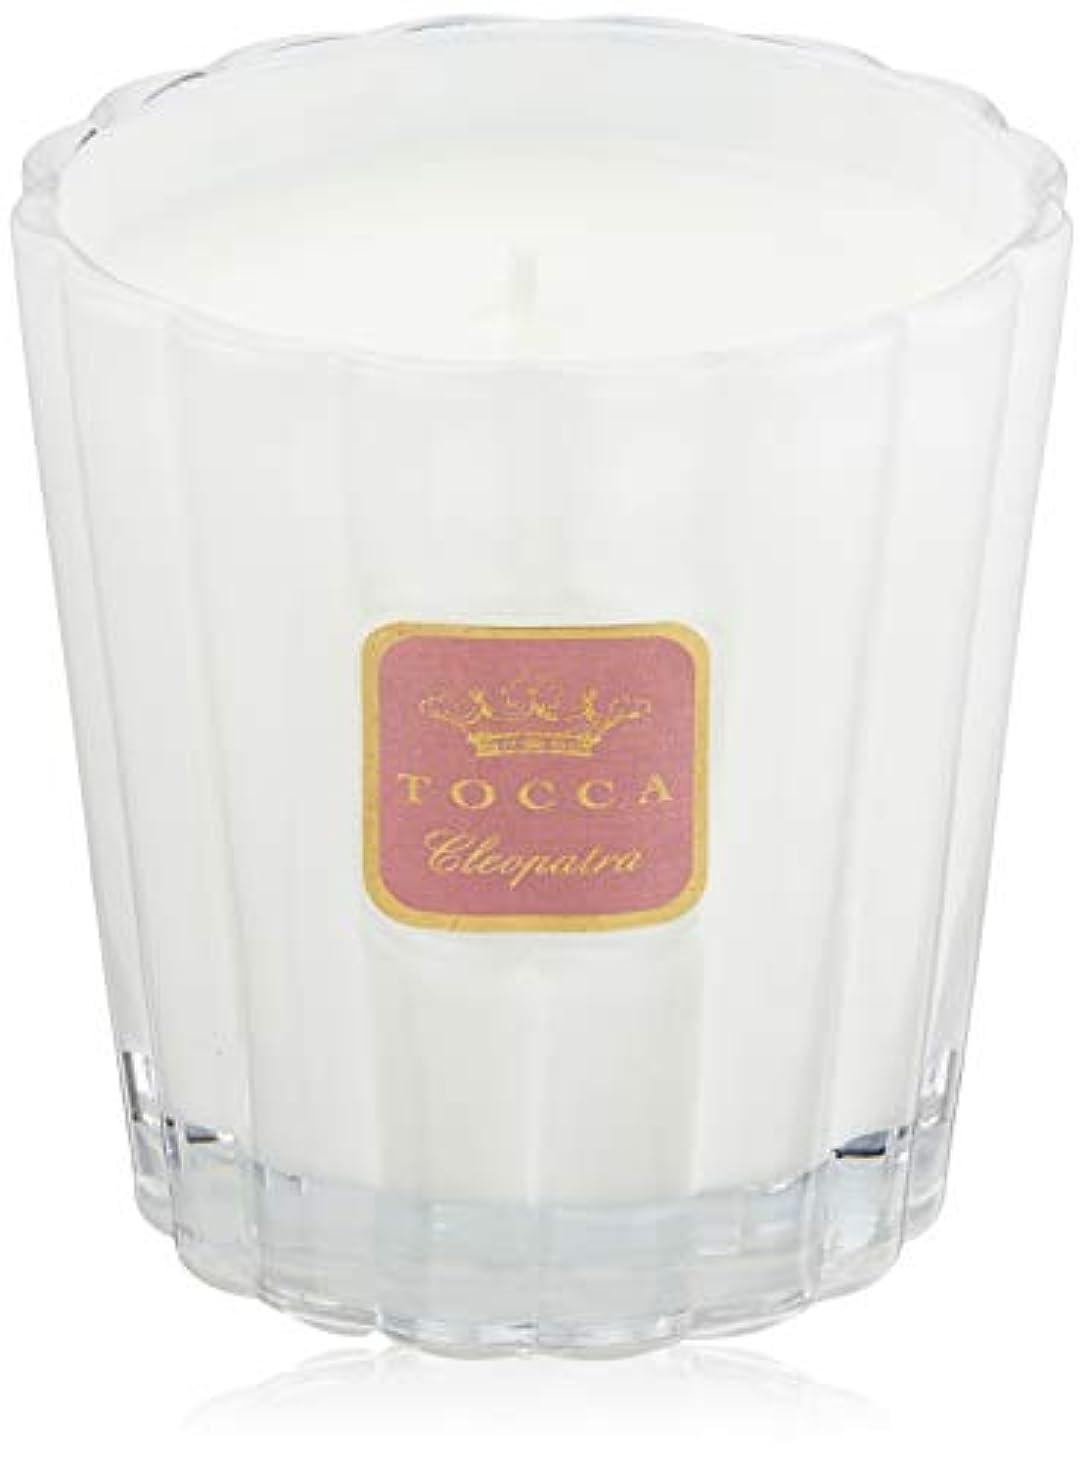 基準無効にする乳白トッカ(TOCCA) キャンドル クレオパトラの香り 約287g (ろうそく フレッシュでクリーンな香り)